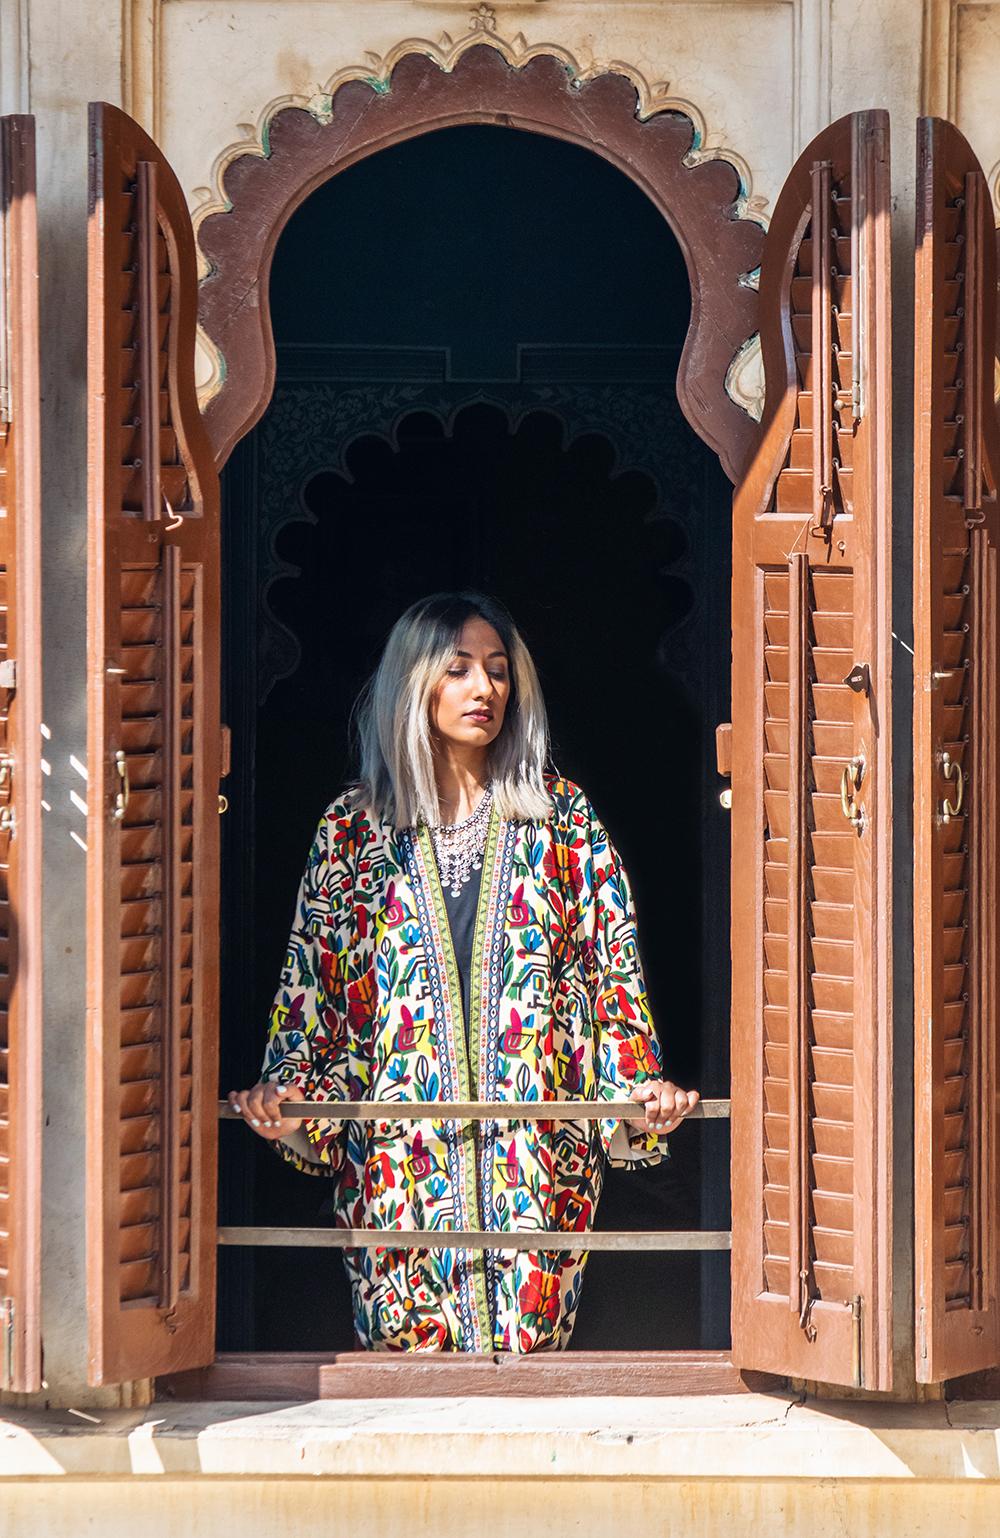 Indian Fashion ; Udaipur ; Udaipur Fashion ; City of Lakes ; Travel ; Fashion ;fashion photography ; Printed Jacket ; Kimono ; Travel Outfit ; Indian Architecture; Naznin ; Naznin Suhaer ; indian blogger ; hyderabad fashion bloggers ; hyderabad bloggers ; hyderabad fashion blogger ; I Dress for the Applause ;Hyderabad ;